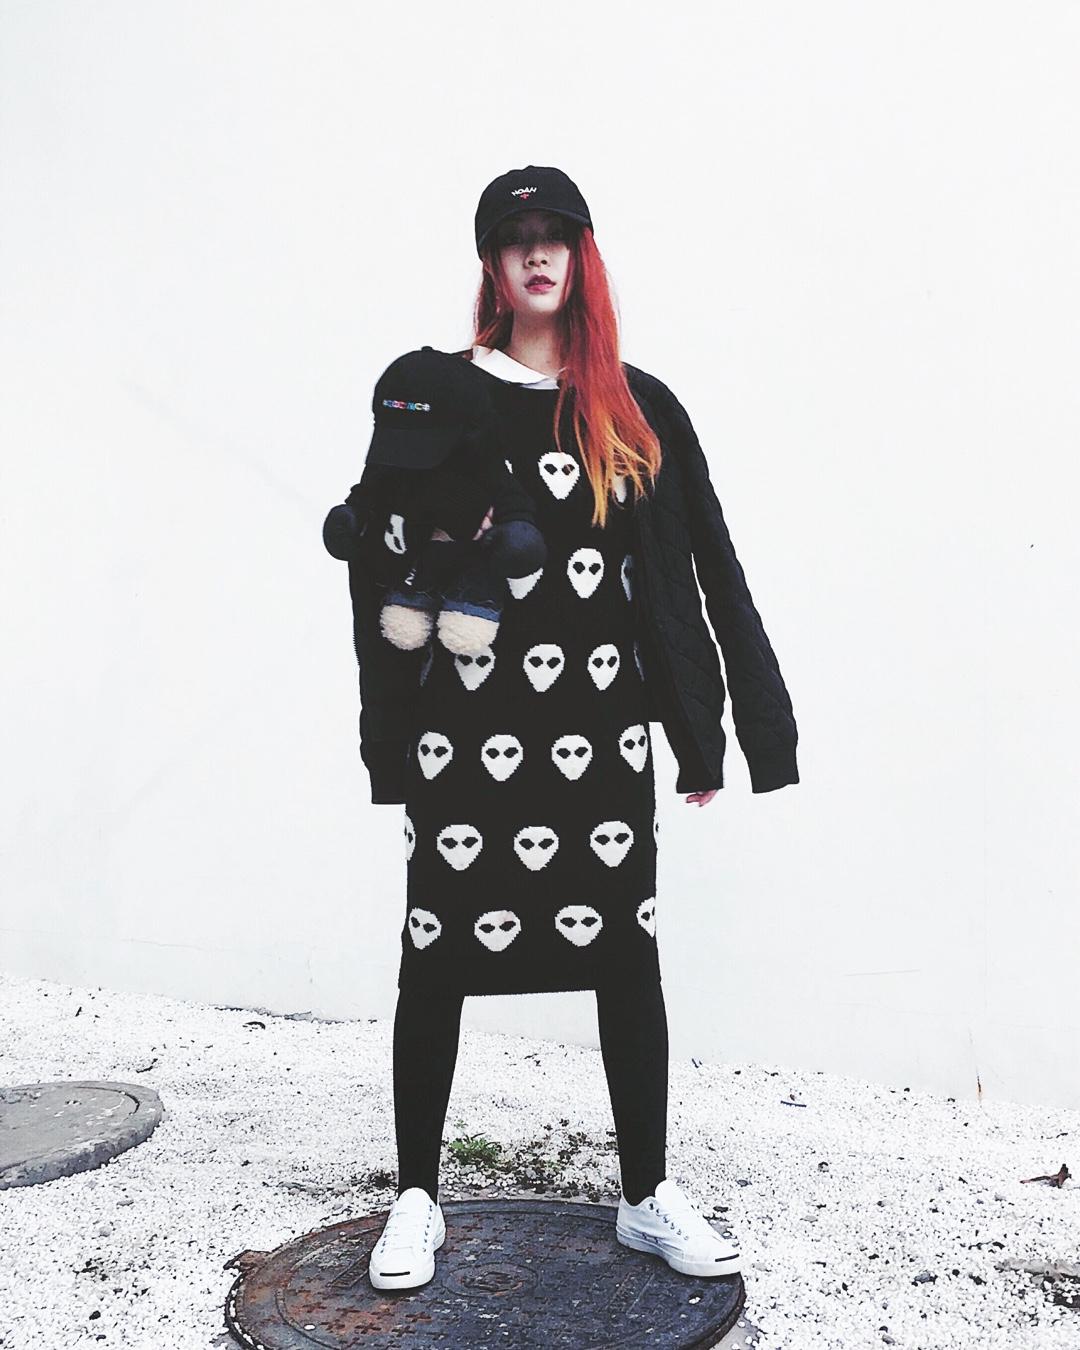 #就它,让我发出李佳琦式OMG!!# 耶 最近陰天忽然冷空氣 防不勝防的 覺得帽子 加一件式棉衣最好搭配🖤 怕冷姐姐可以外帶酷熊暖寶寶喔!